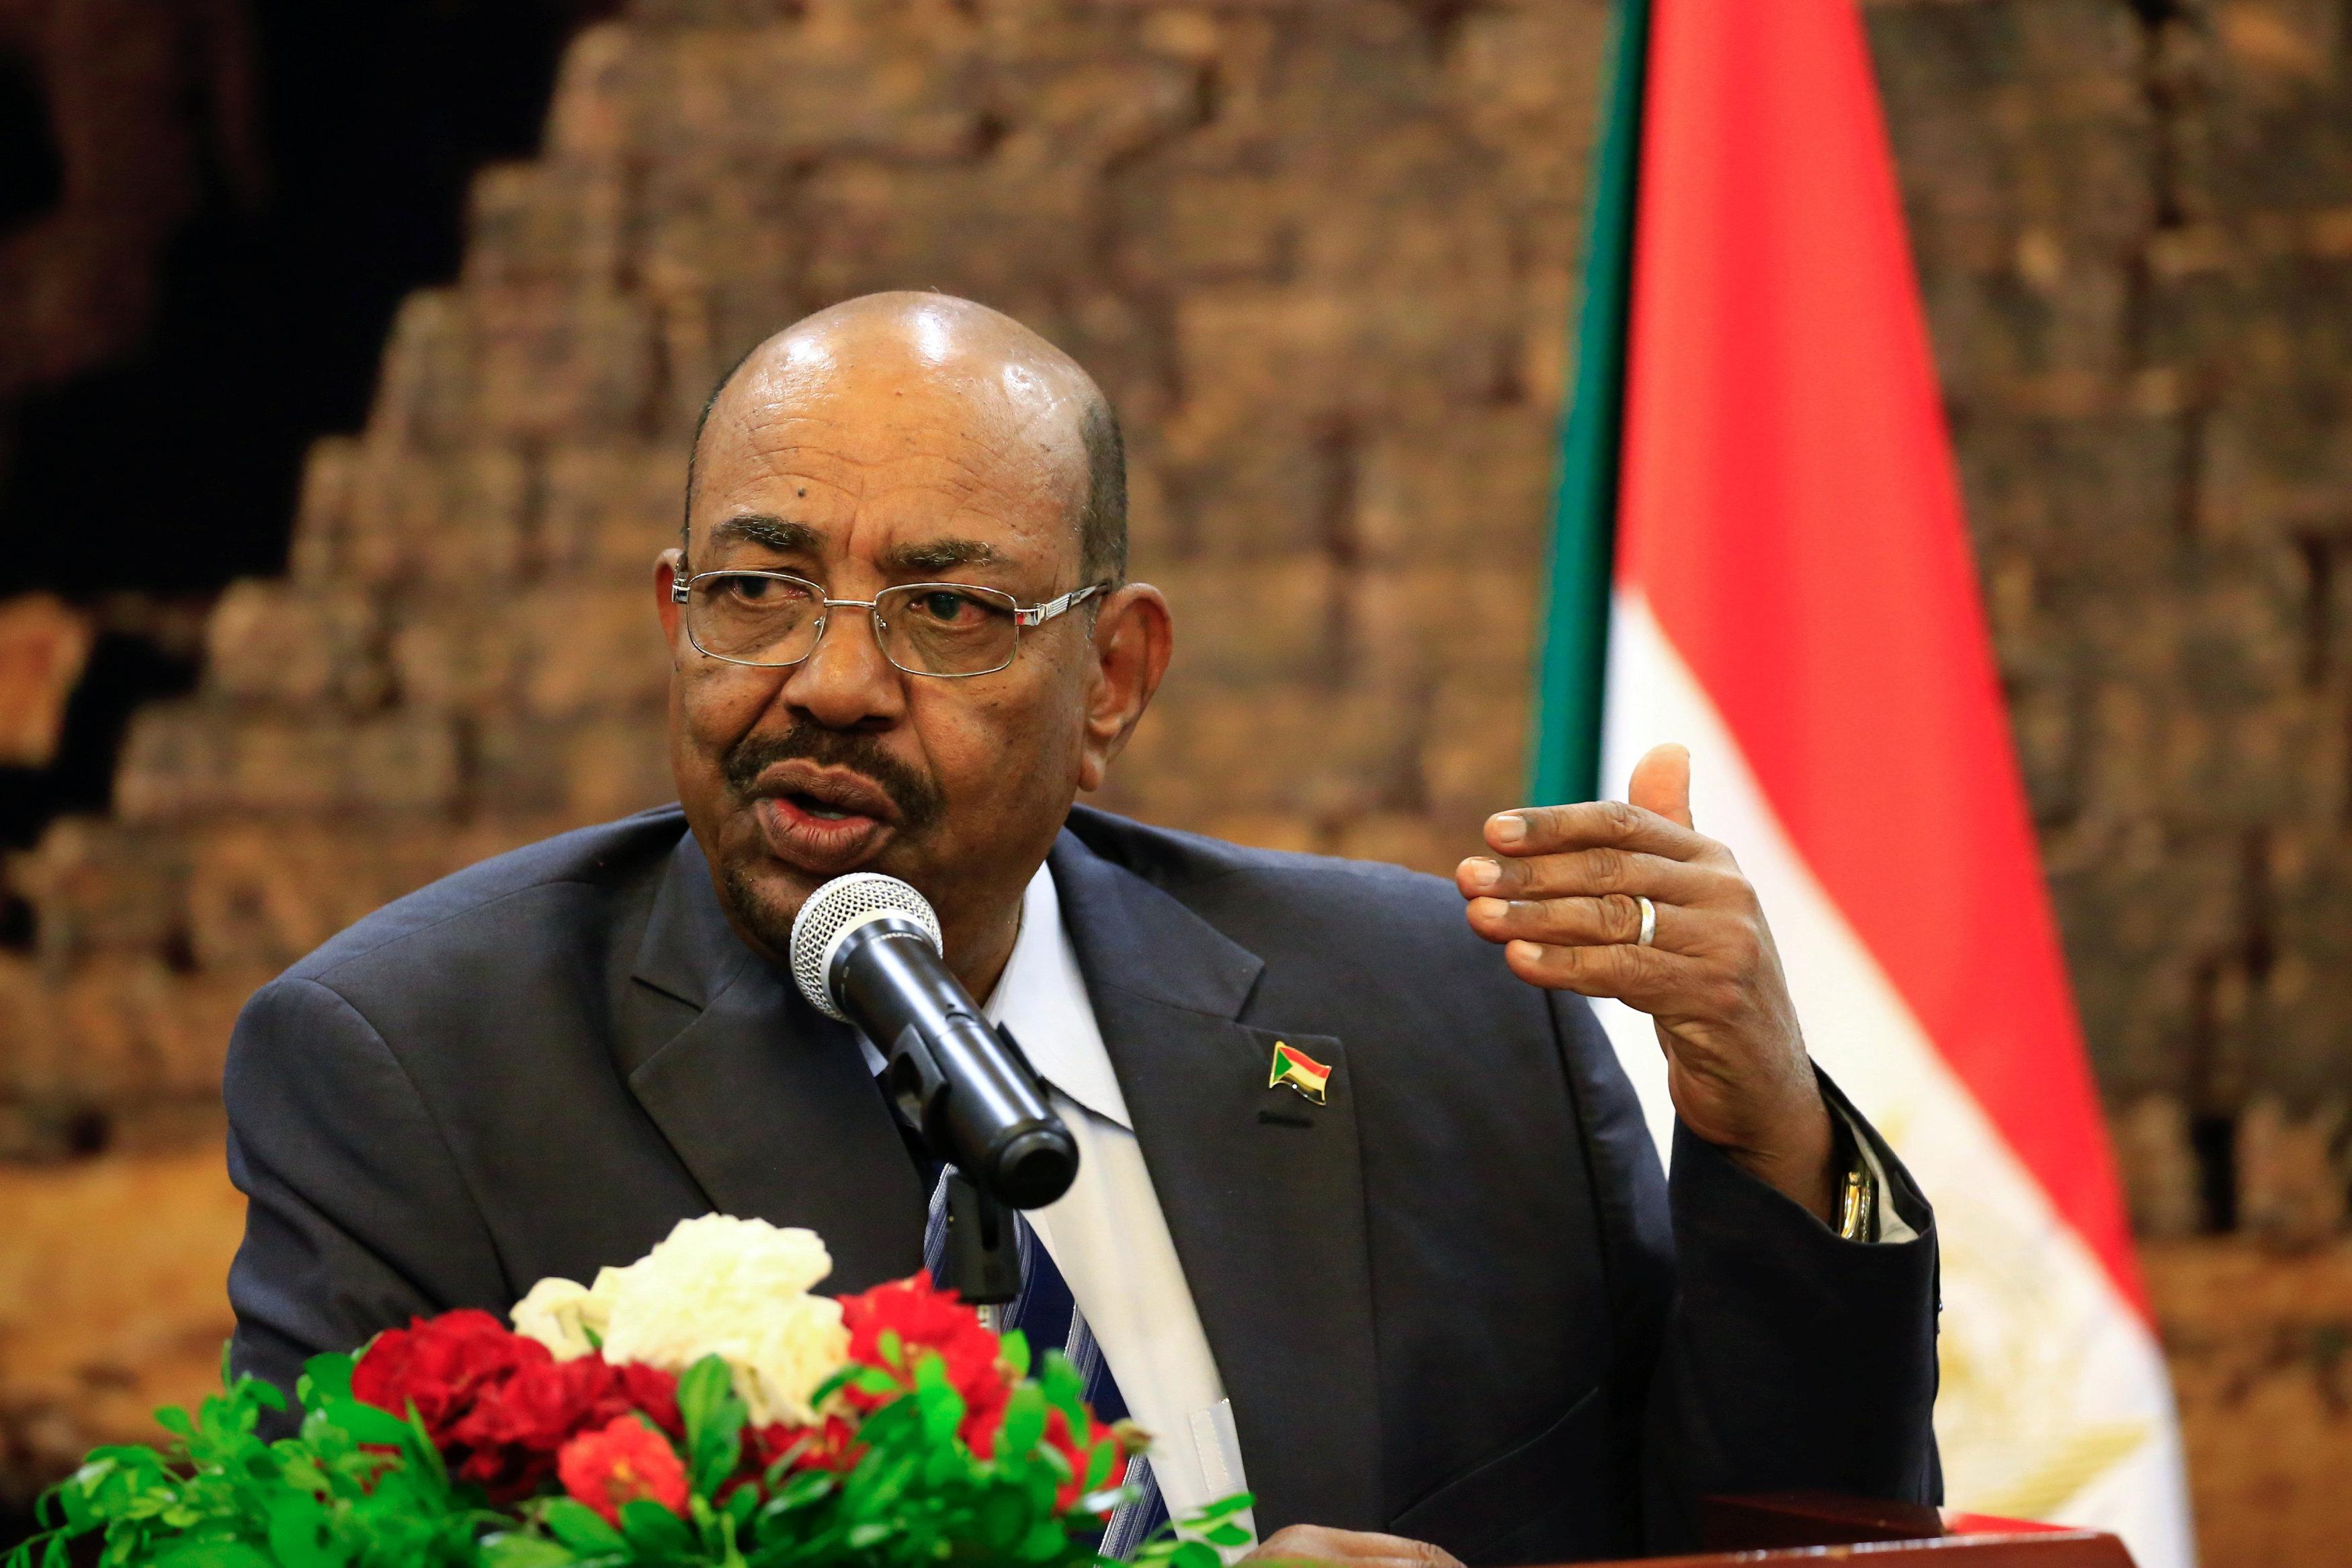 الرئيس السوداني حسن البشير